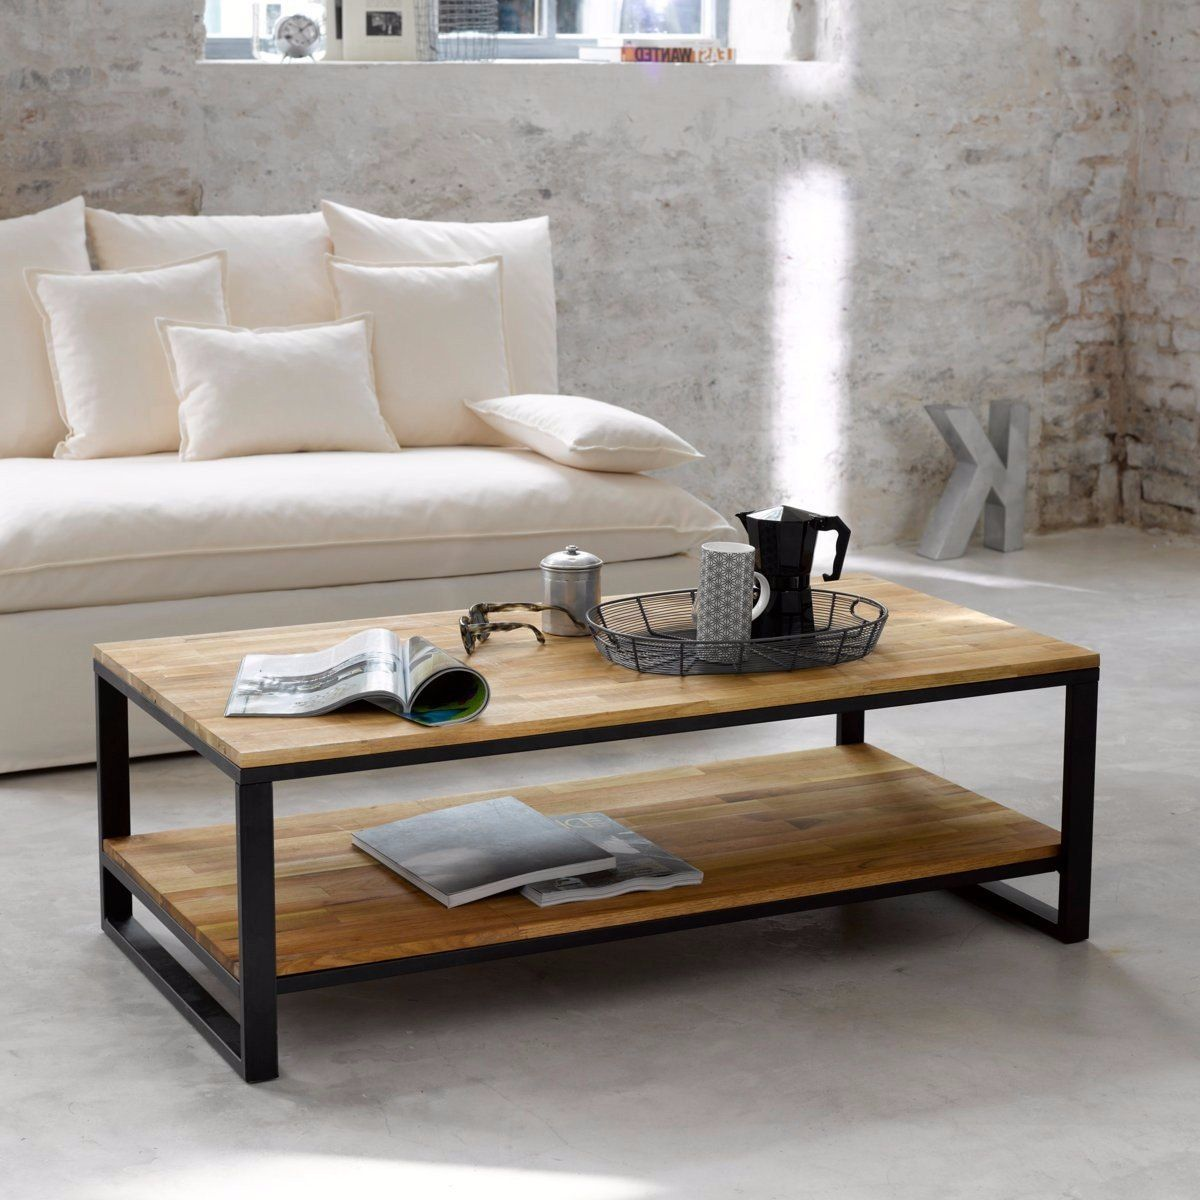 Mesa ratona hierro y madera industrial tables and coffee - Mesa de hierro ...